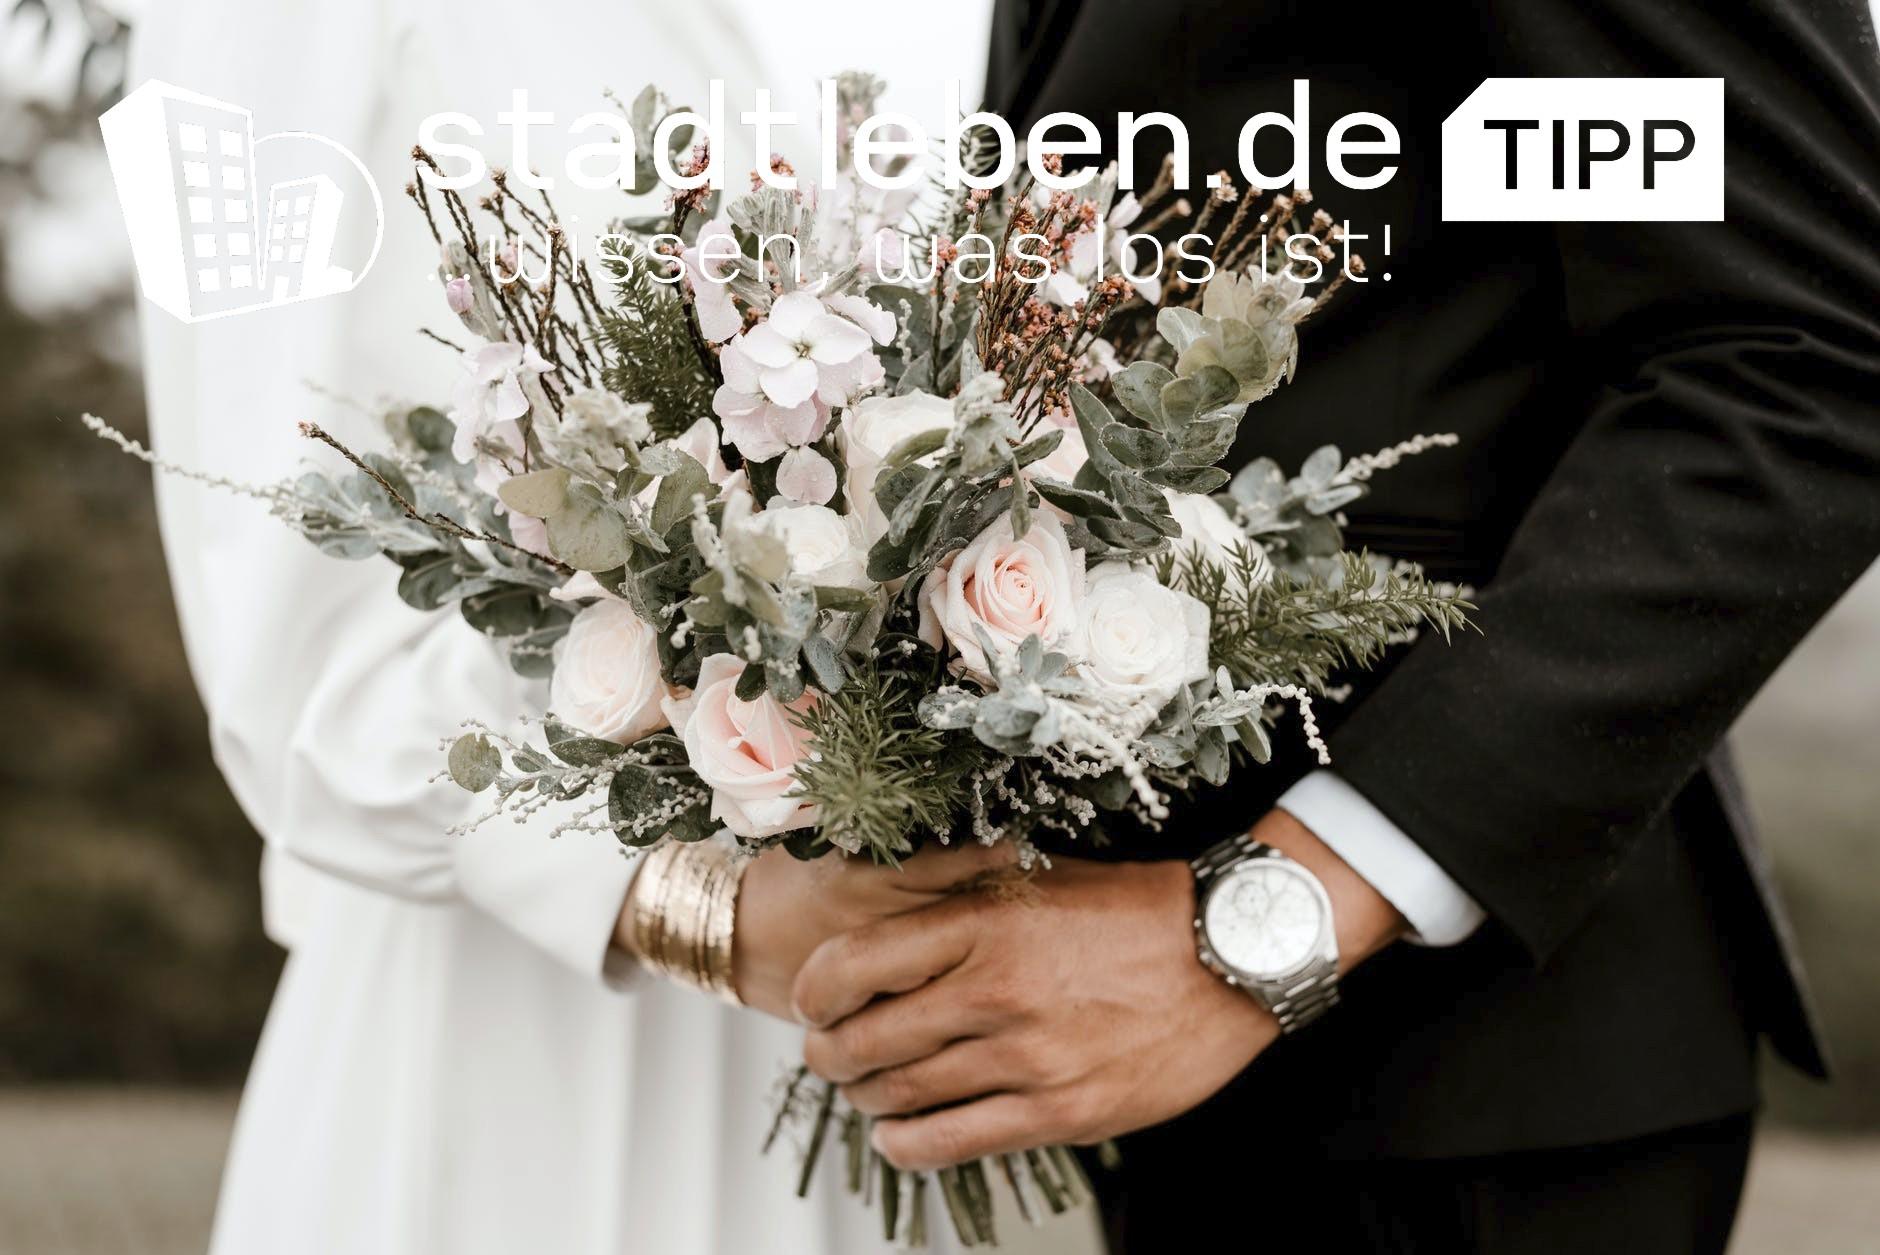 Strauß, Brautstrauß, Brautpaar, Mann, Frau, Hände